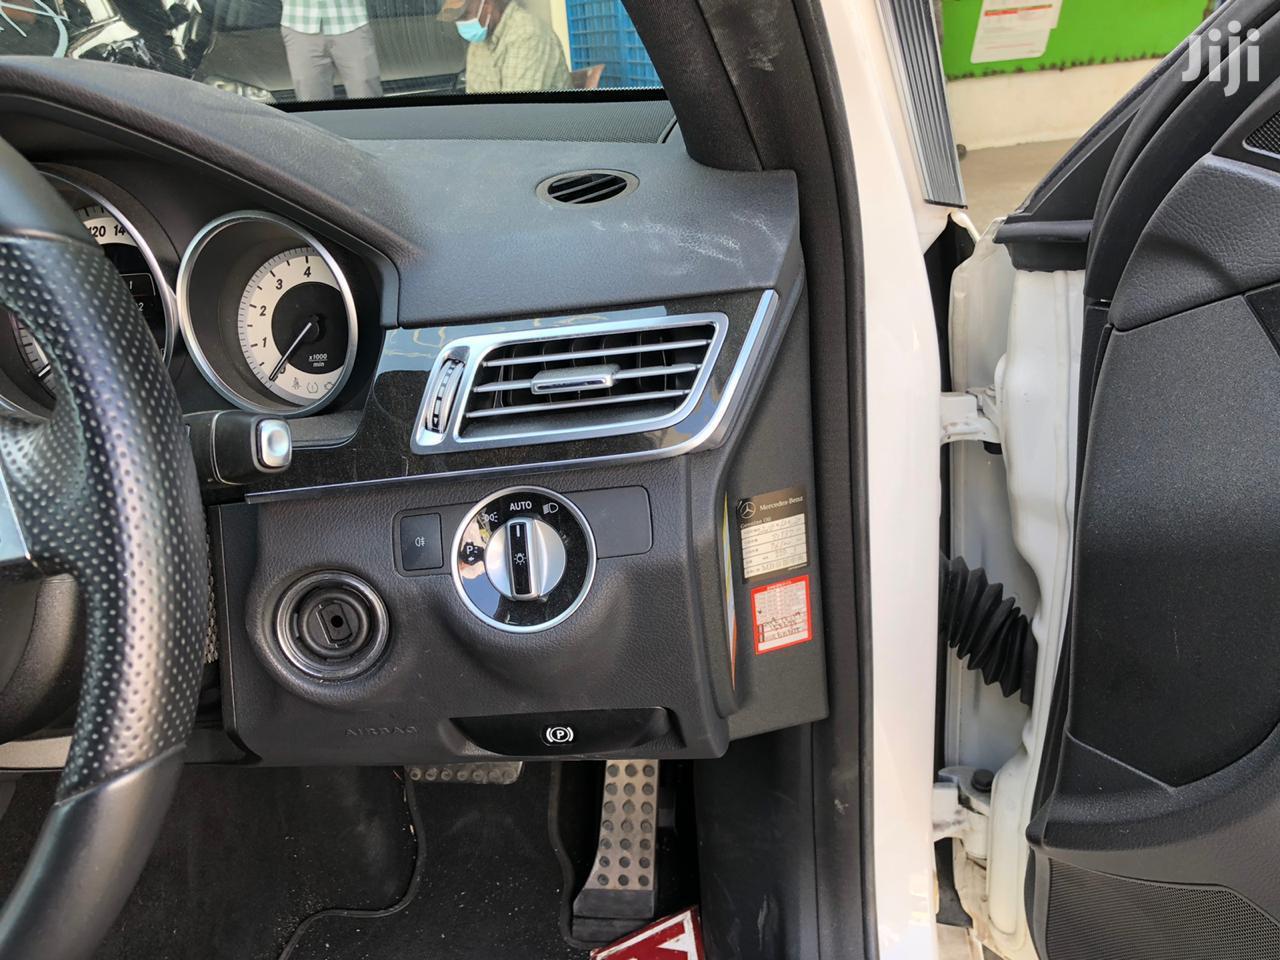 Mercedes-Benz E250 2014 White | Cars for sale in Mvita, Mombasa, Kenya